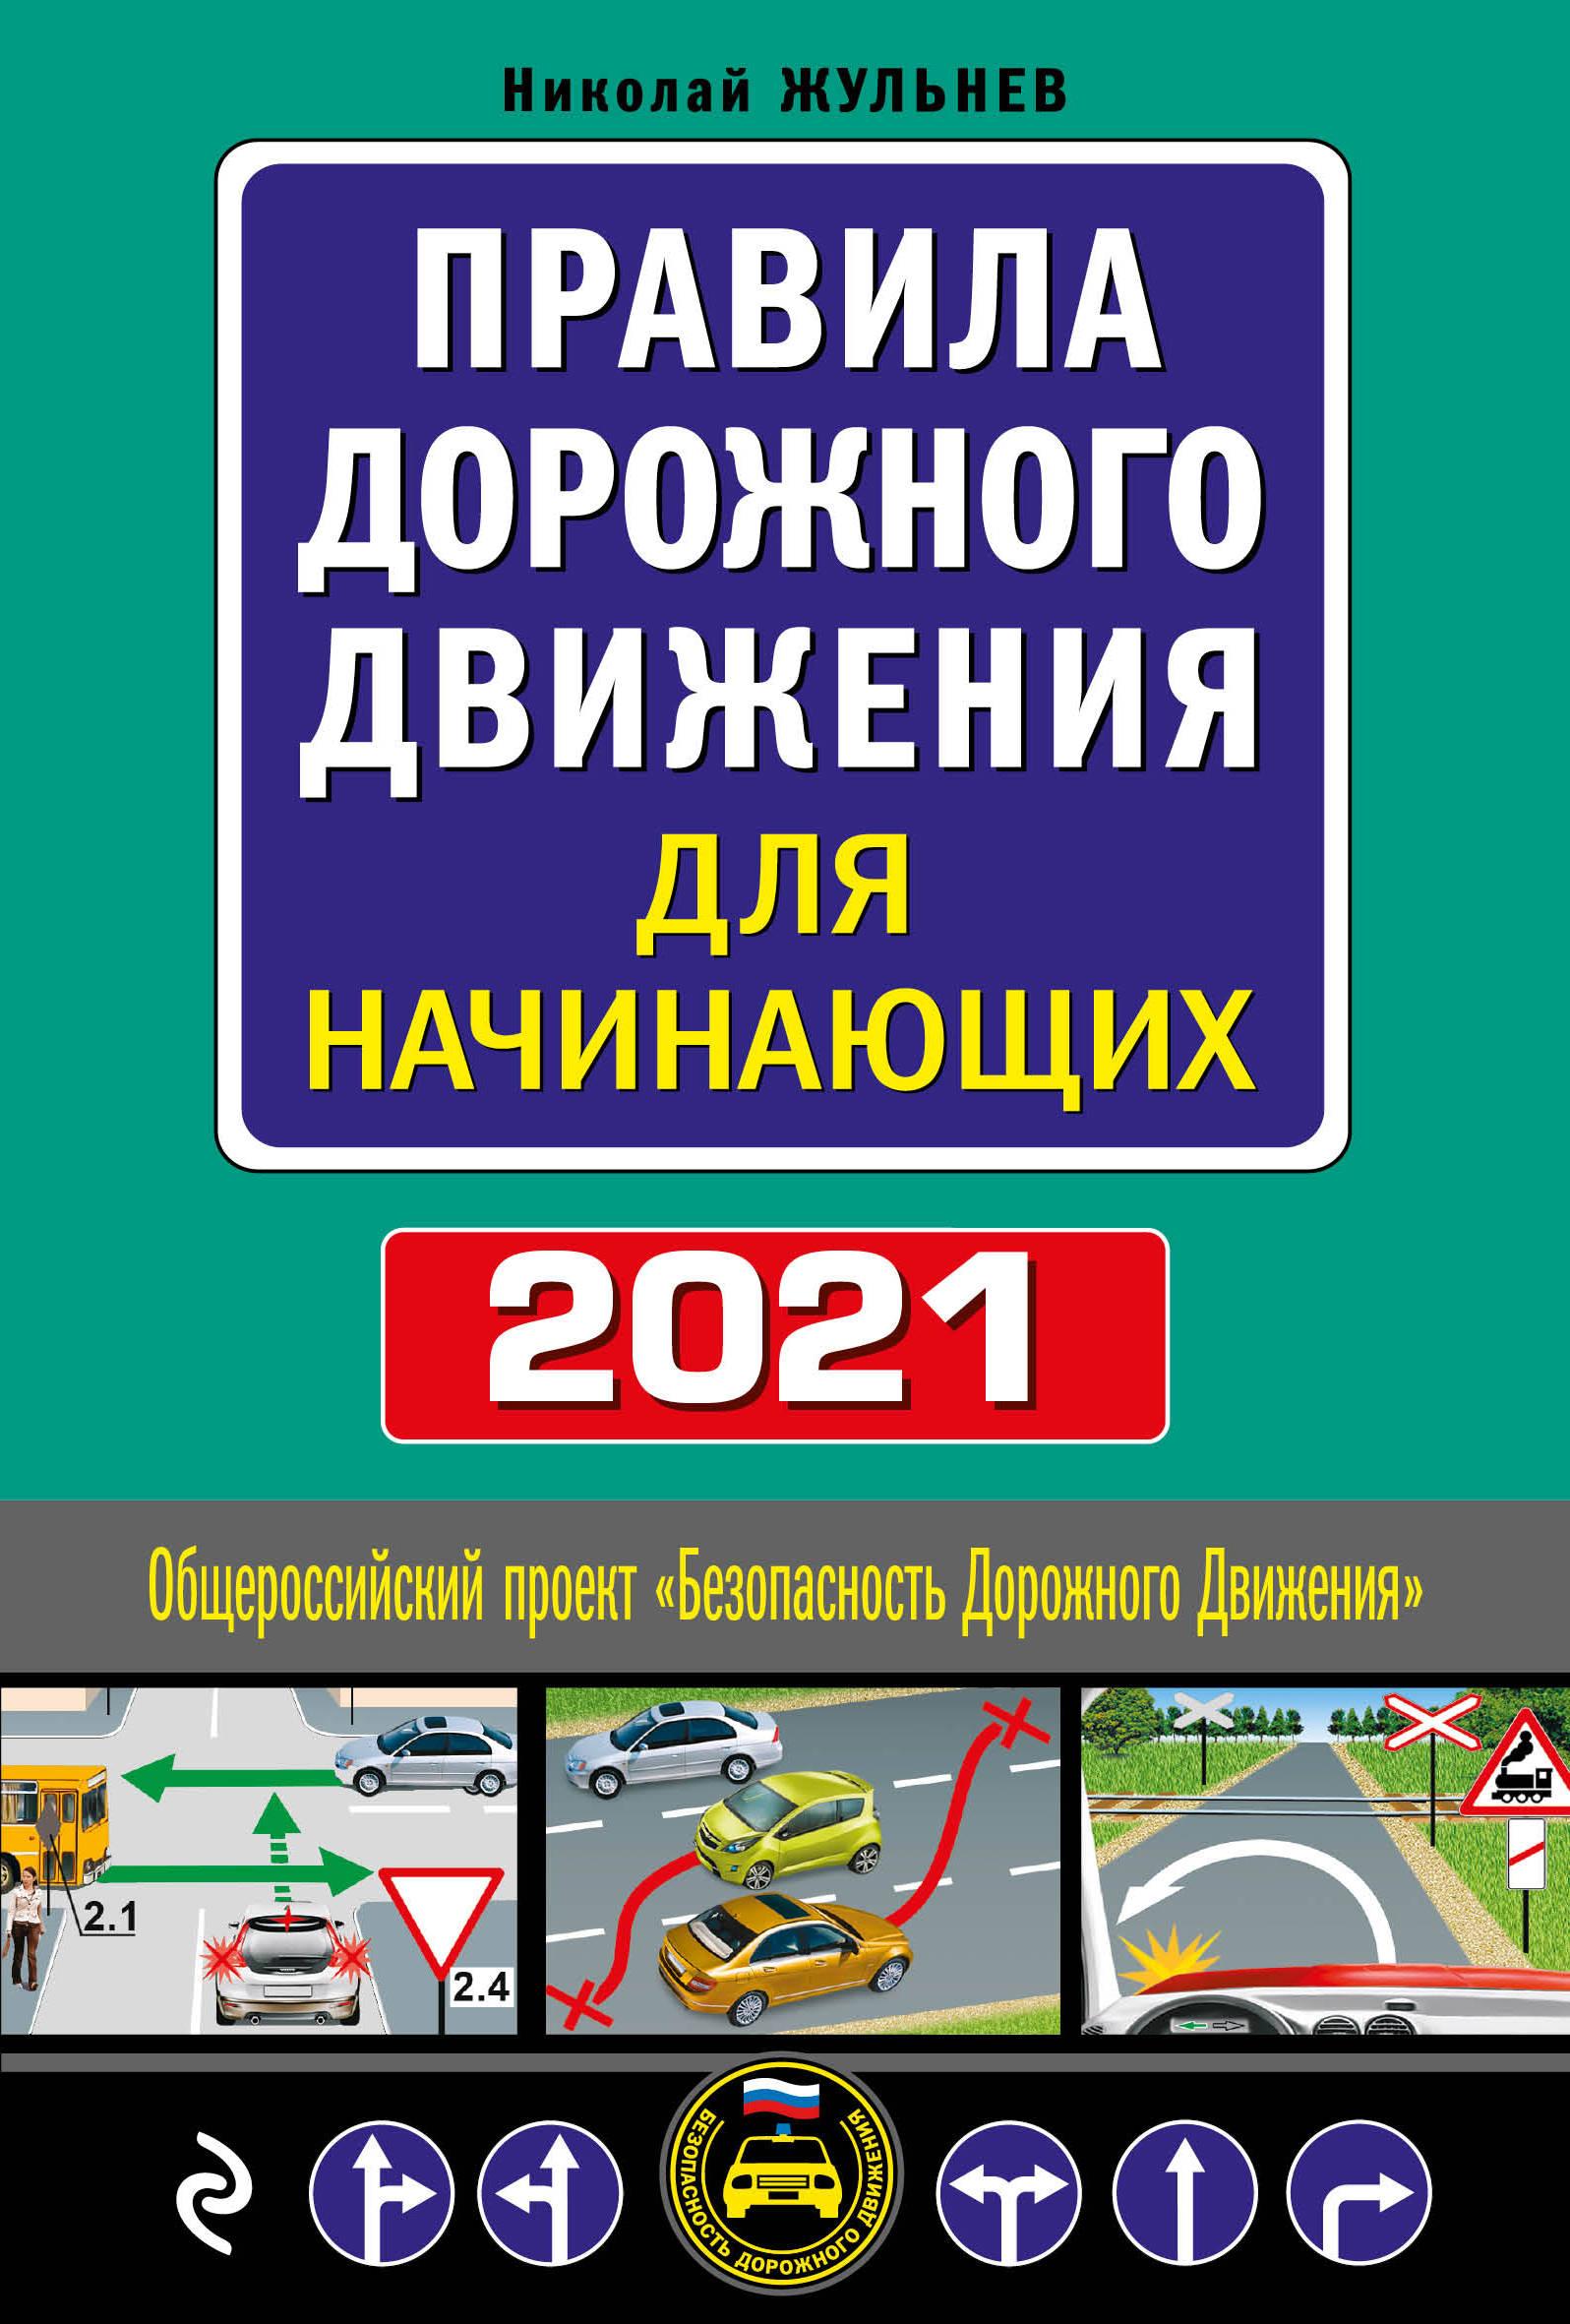 Правила дорожного движения для начинающих с изменением на 2021 год